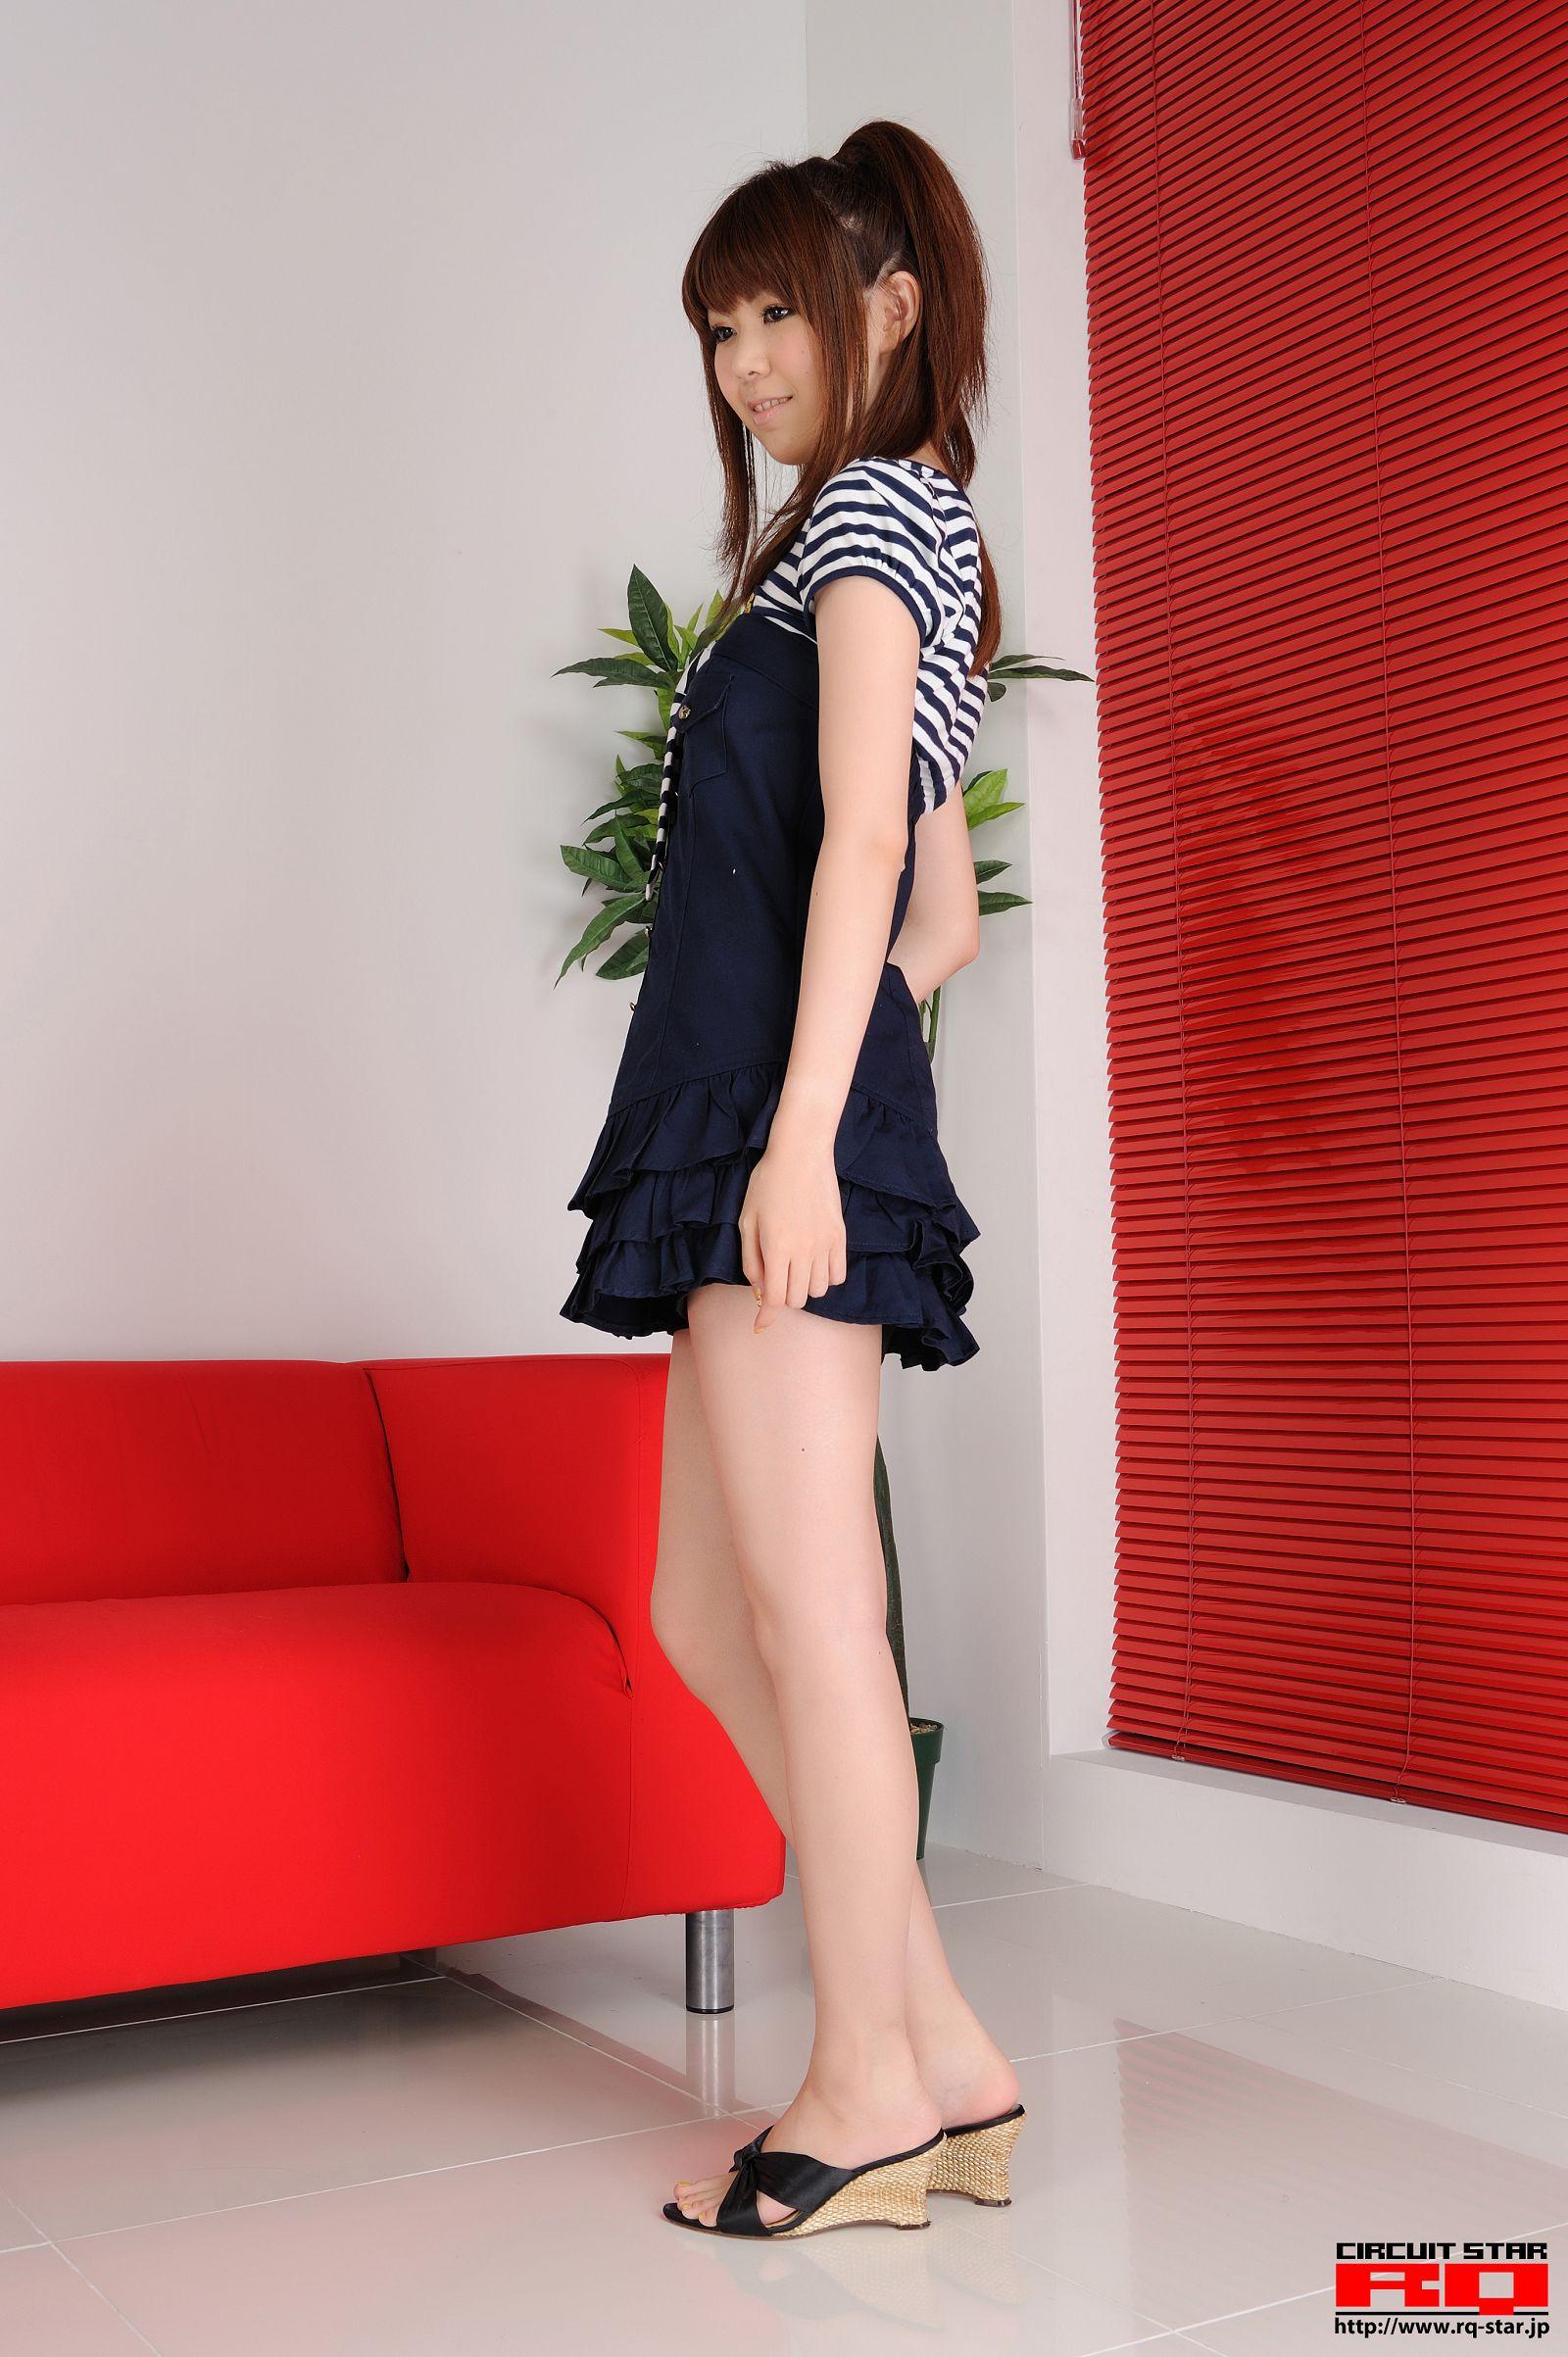 [RQ STAR美女] NO.0376 Haruka Ikuta 生田晴香 Private Dress[100P] RQ STAR 第2张